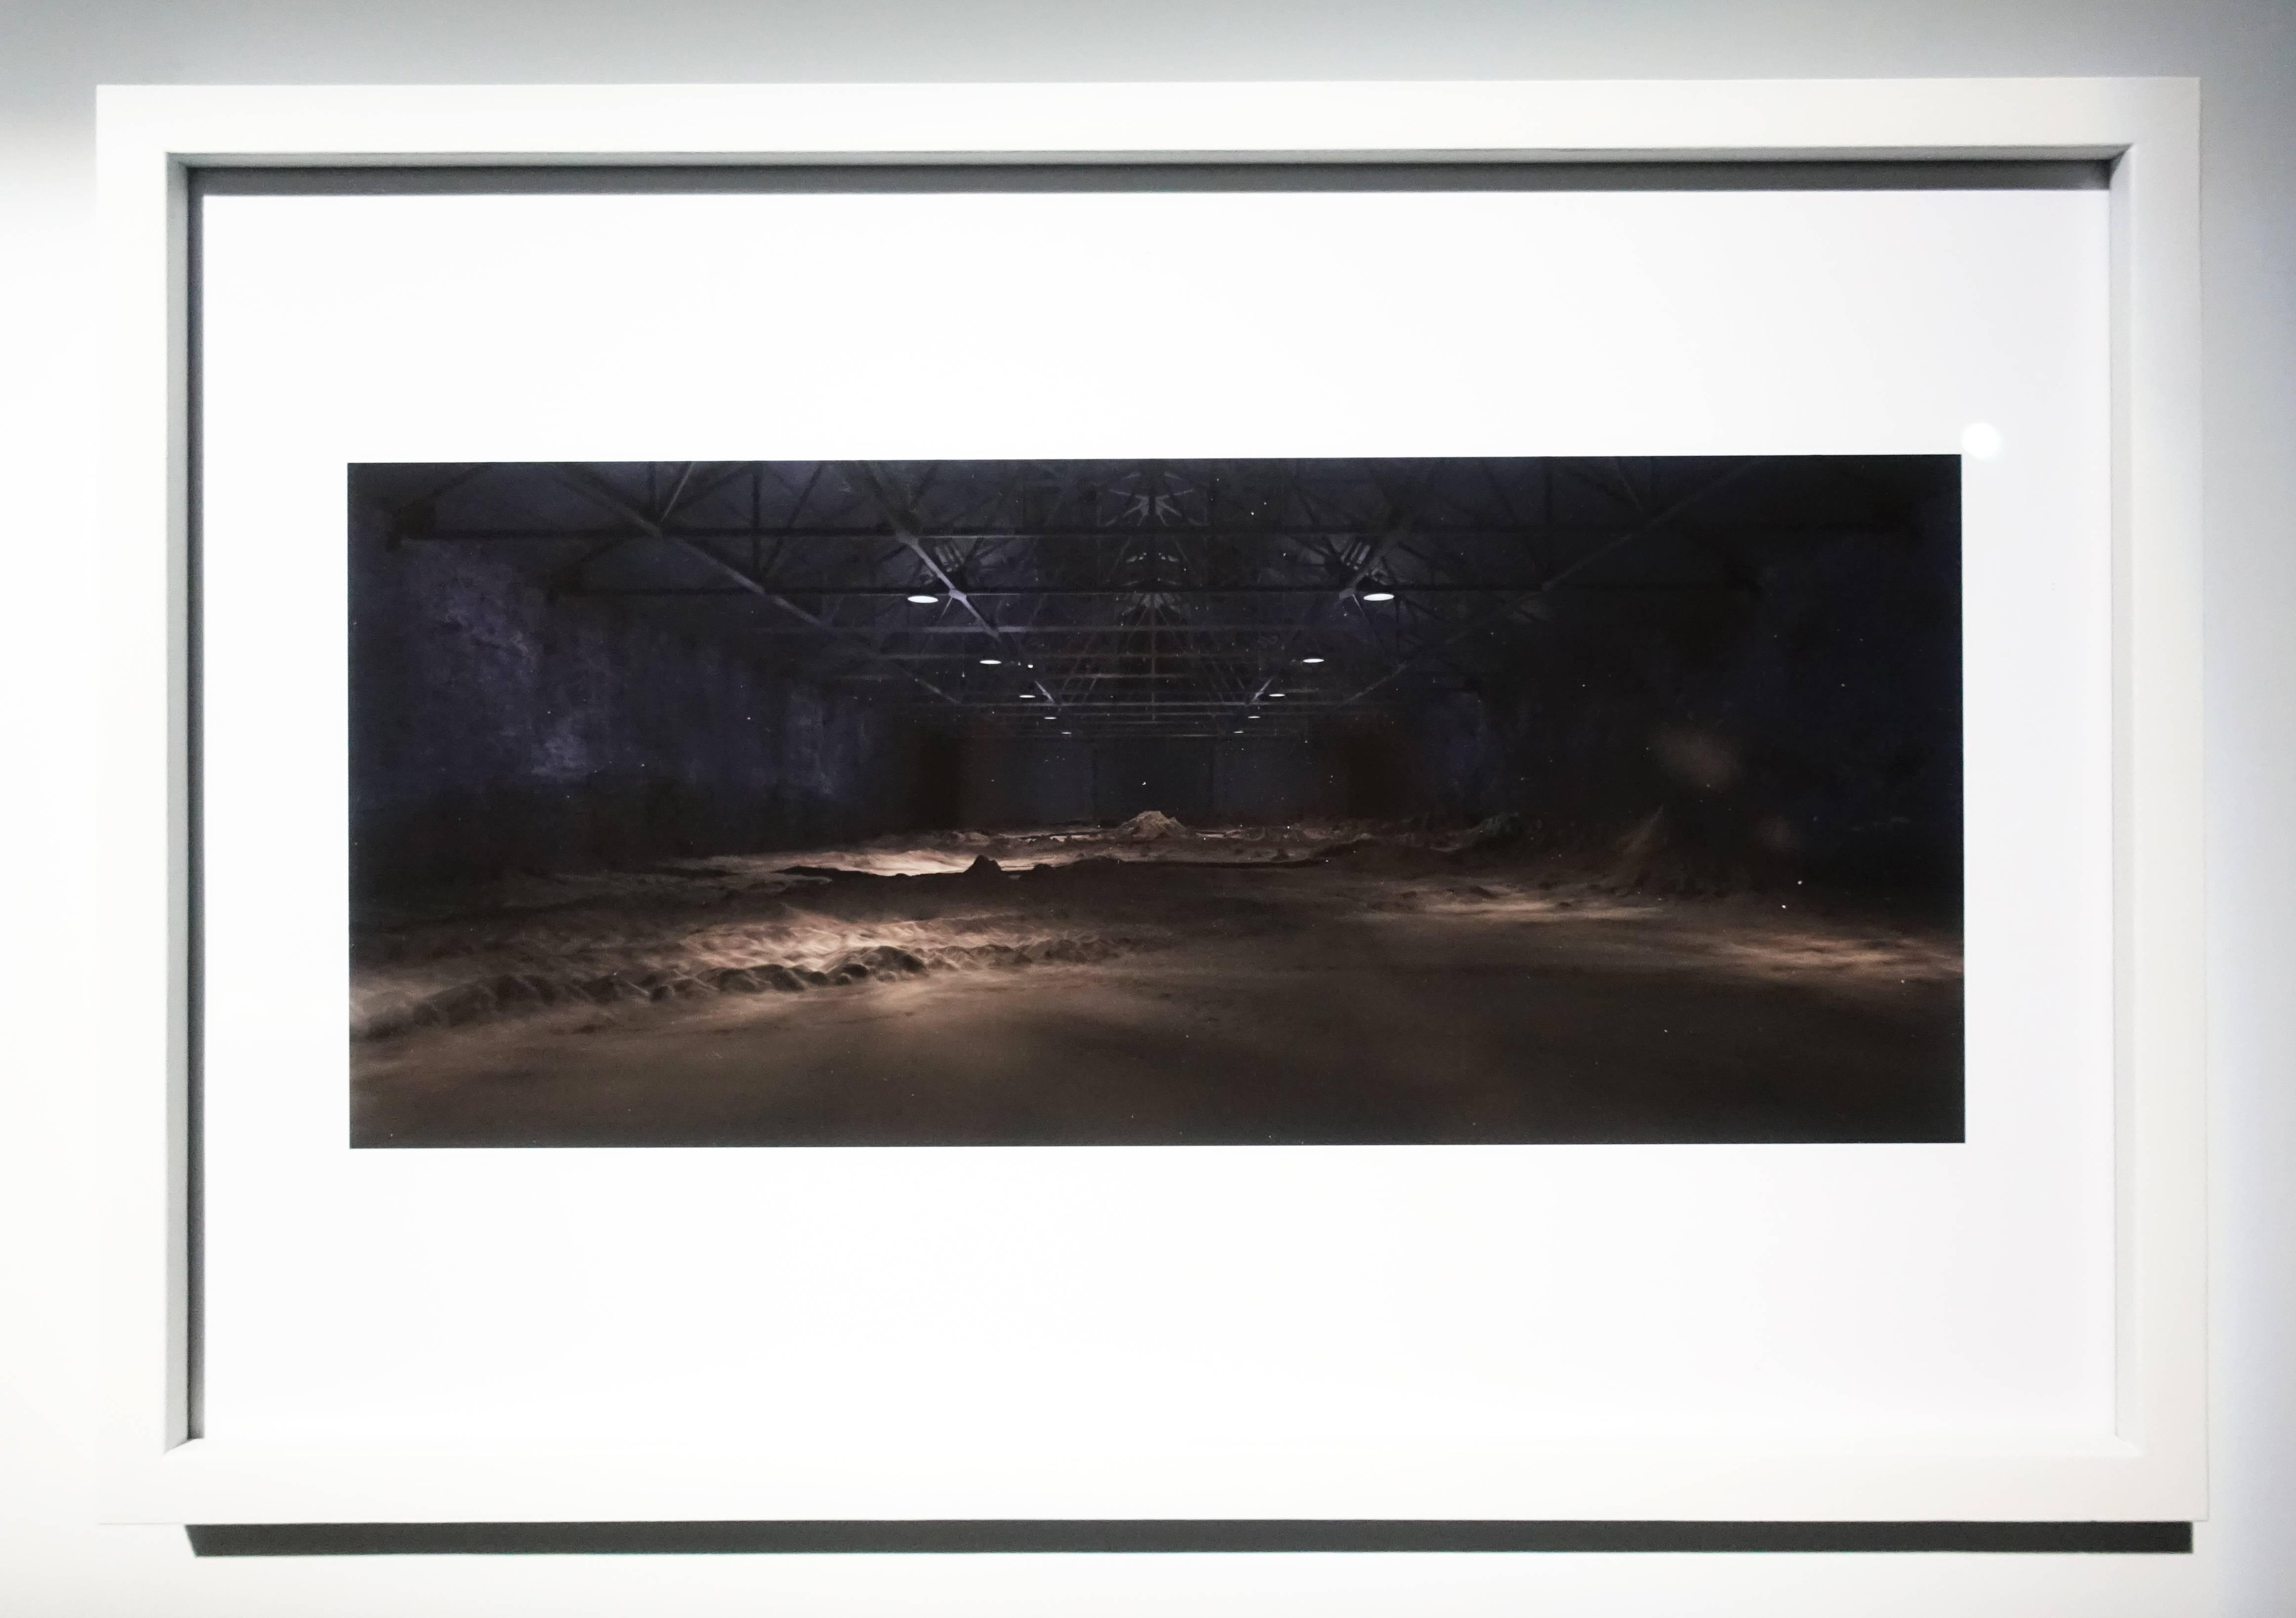 Florian Claar,《Wanderer Frame No.12723 漫遊者 影格No. 12723》,20 x 29.7cm,影像輸出,2019。